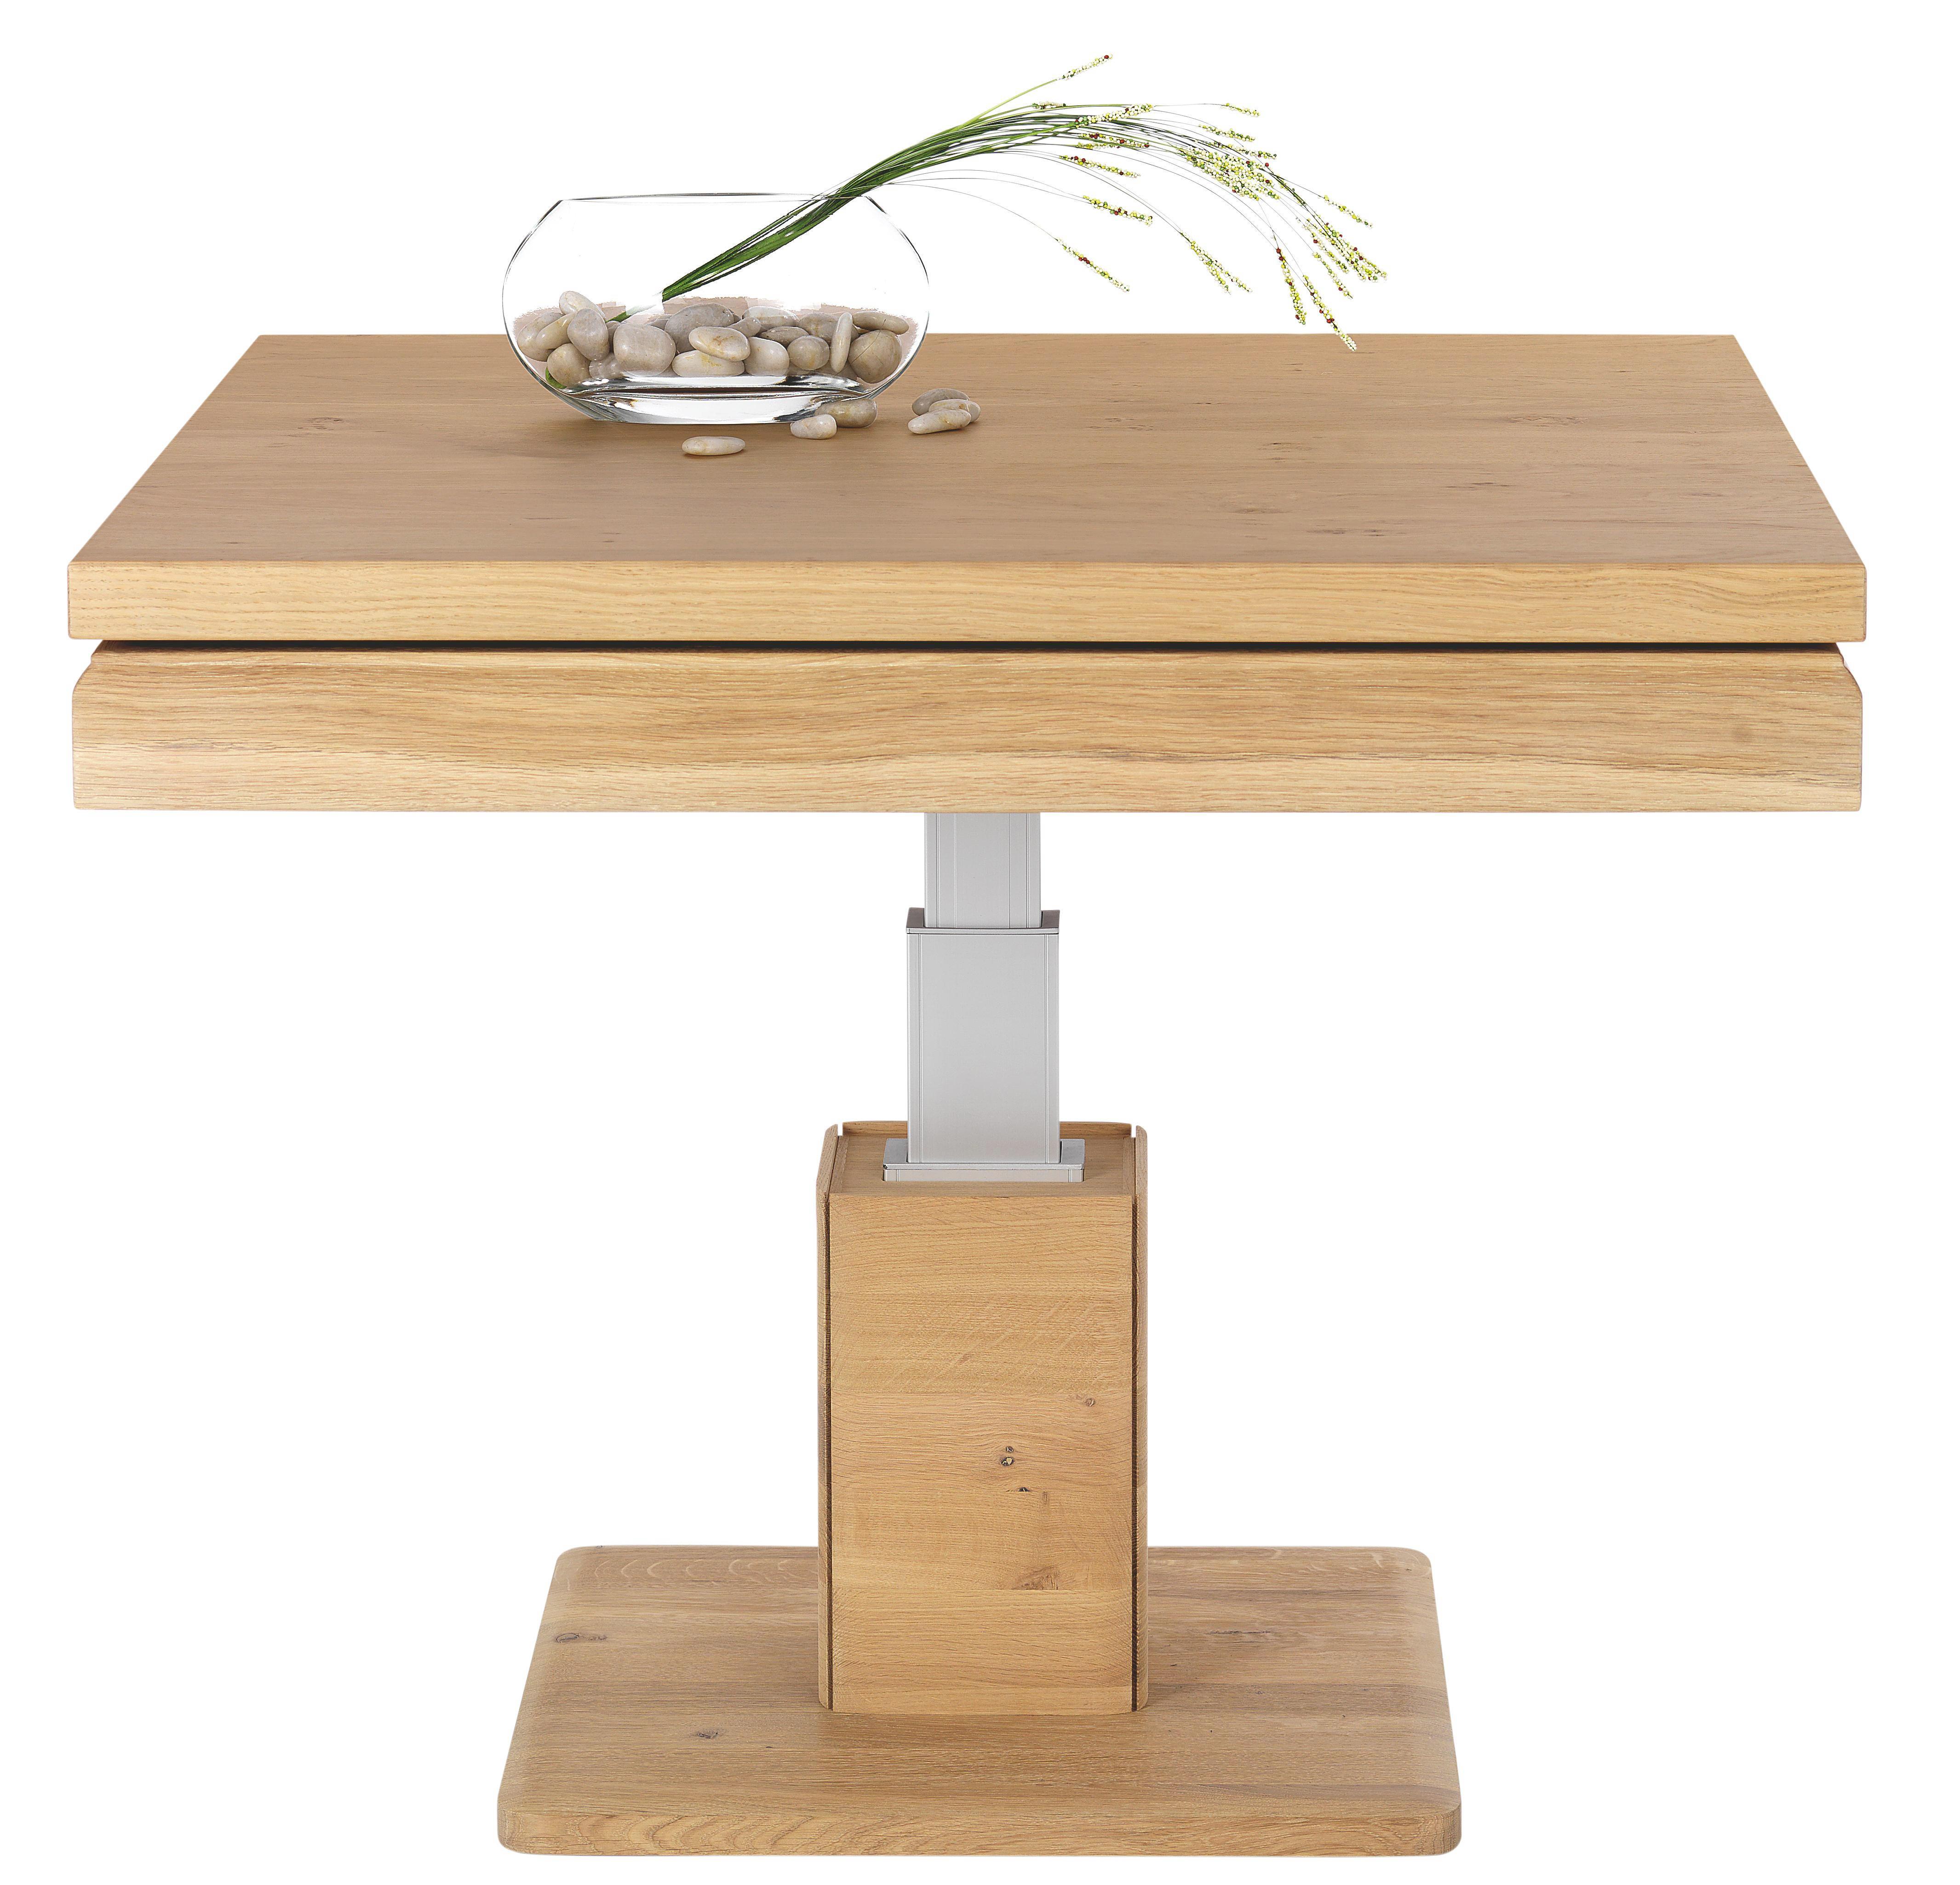 COUCHTISCH in 90/47-83/90 cm Eichefarben - Eichefarben, Design, Holz/Metall (90/47-83/90cm)